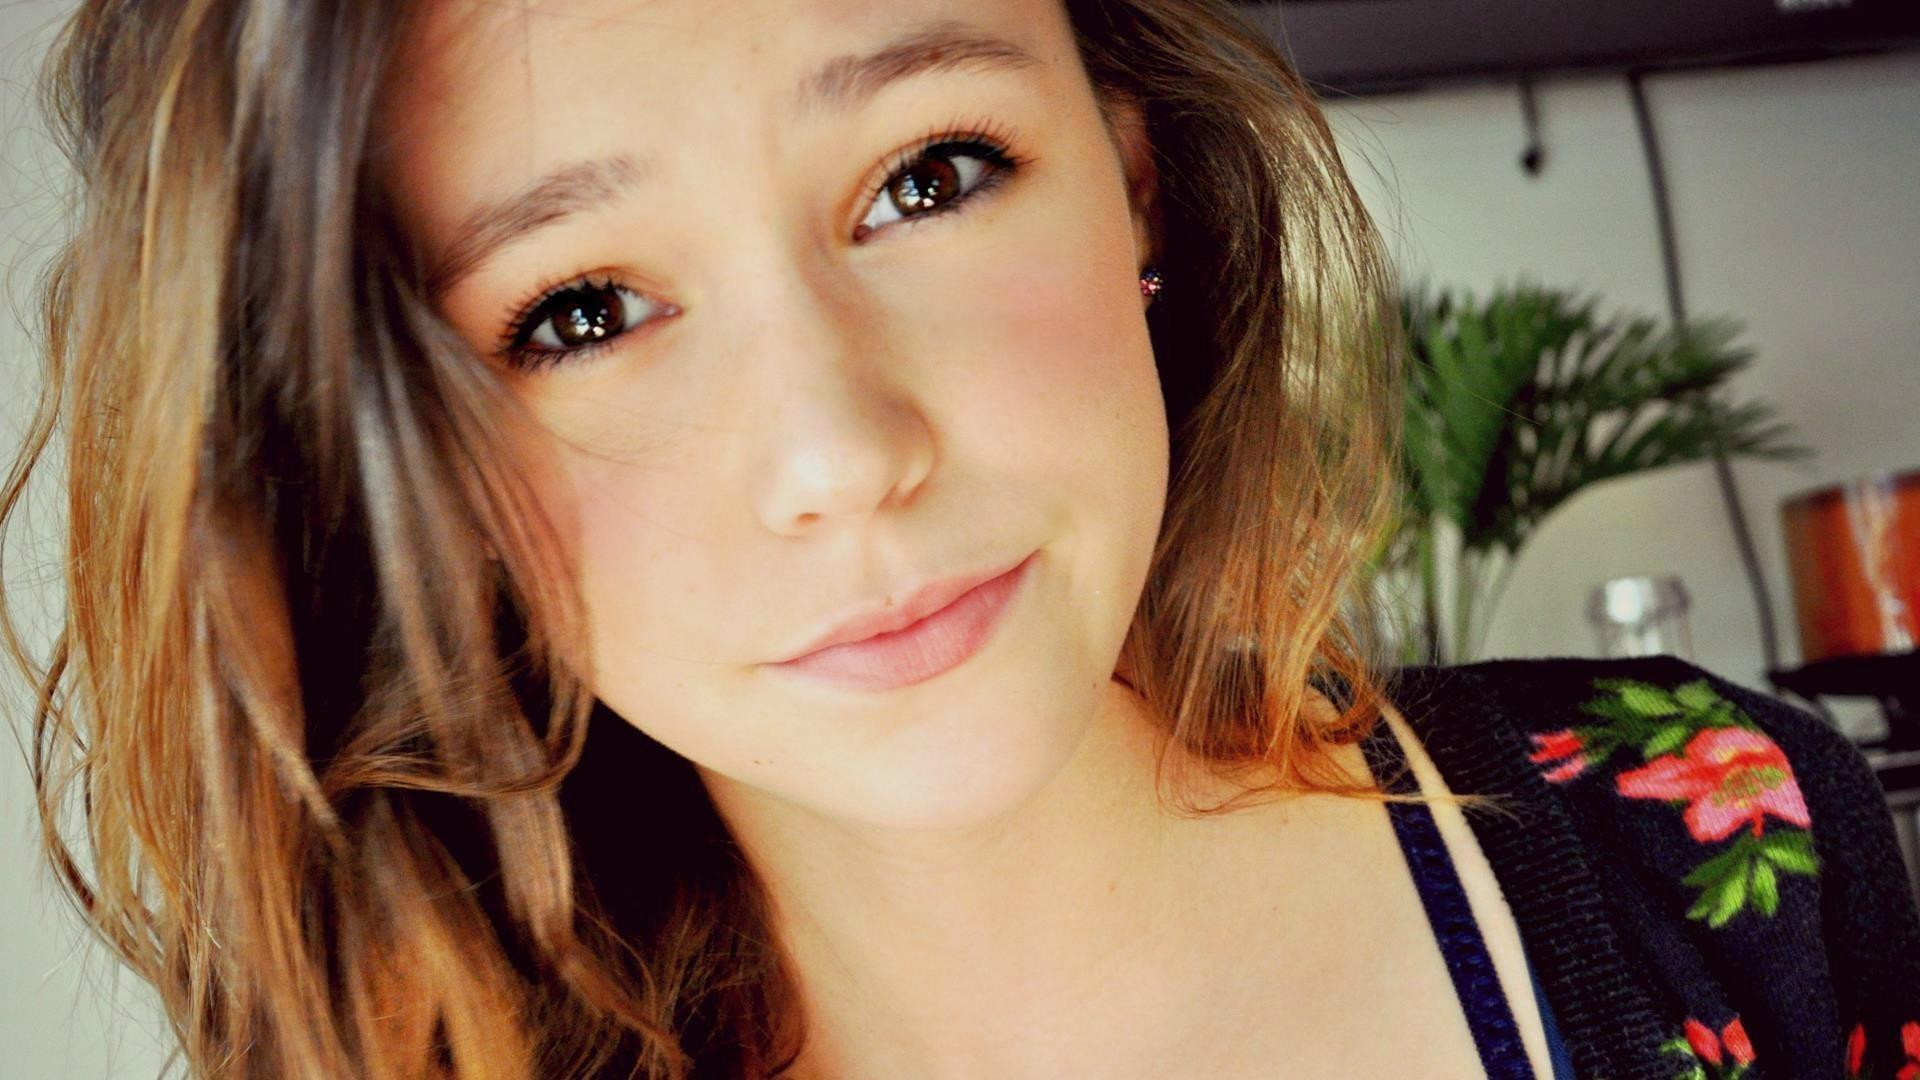 Фото 18 лет девушка 8 фотография